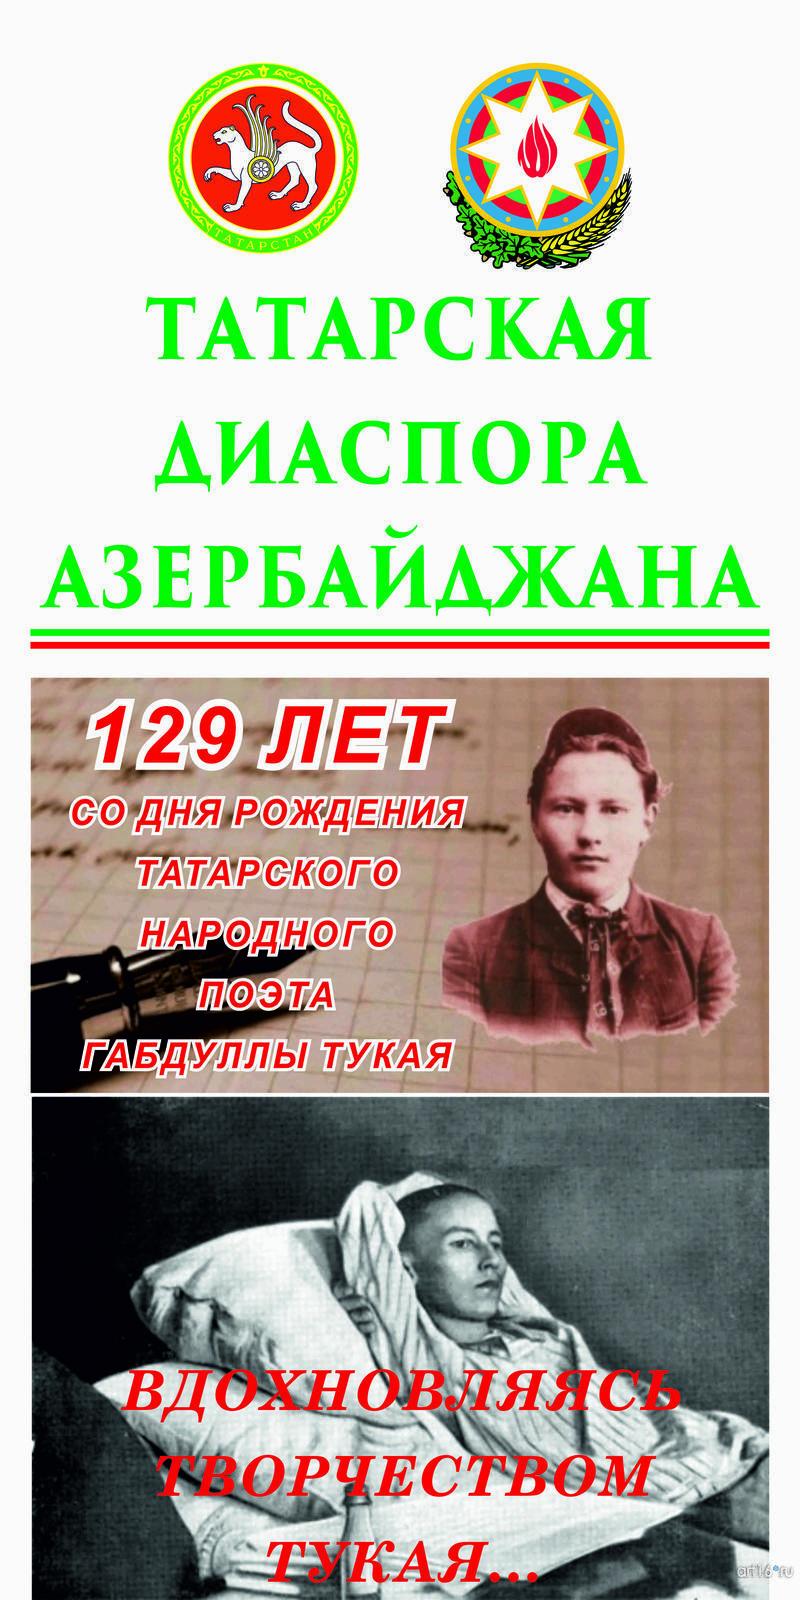 Фото №813310. Art16.ru Photo archive